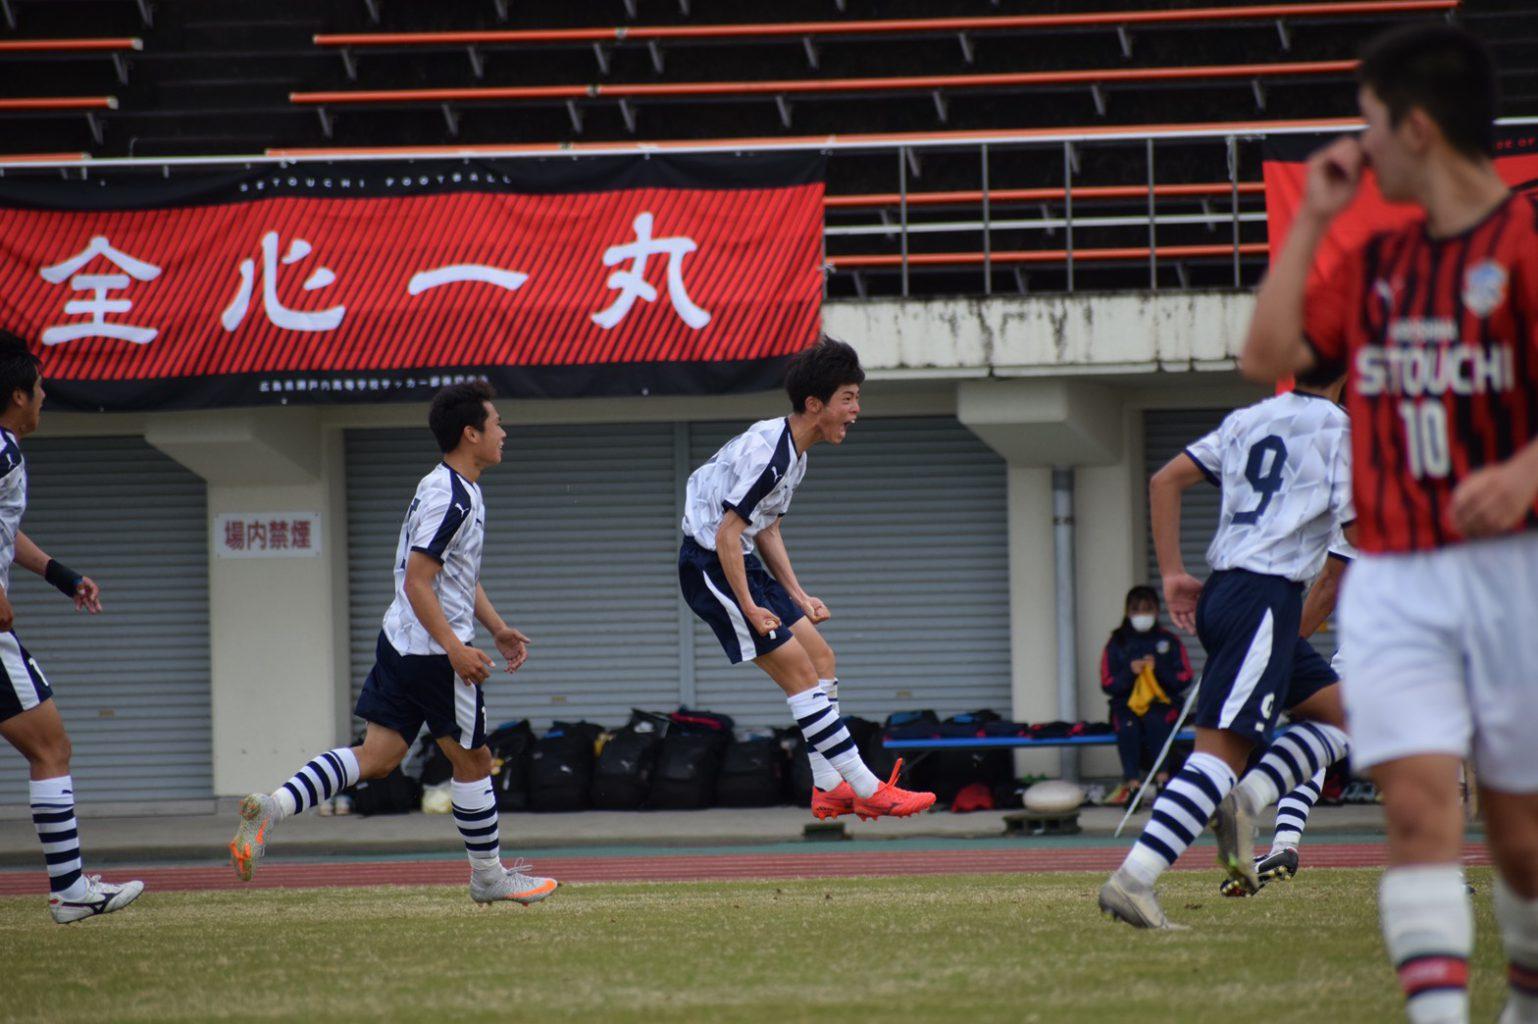 サッカー:プリンスリーグ中国 第3節 4/17 瀬戸内戦 試合結果